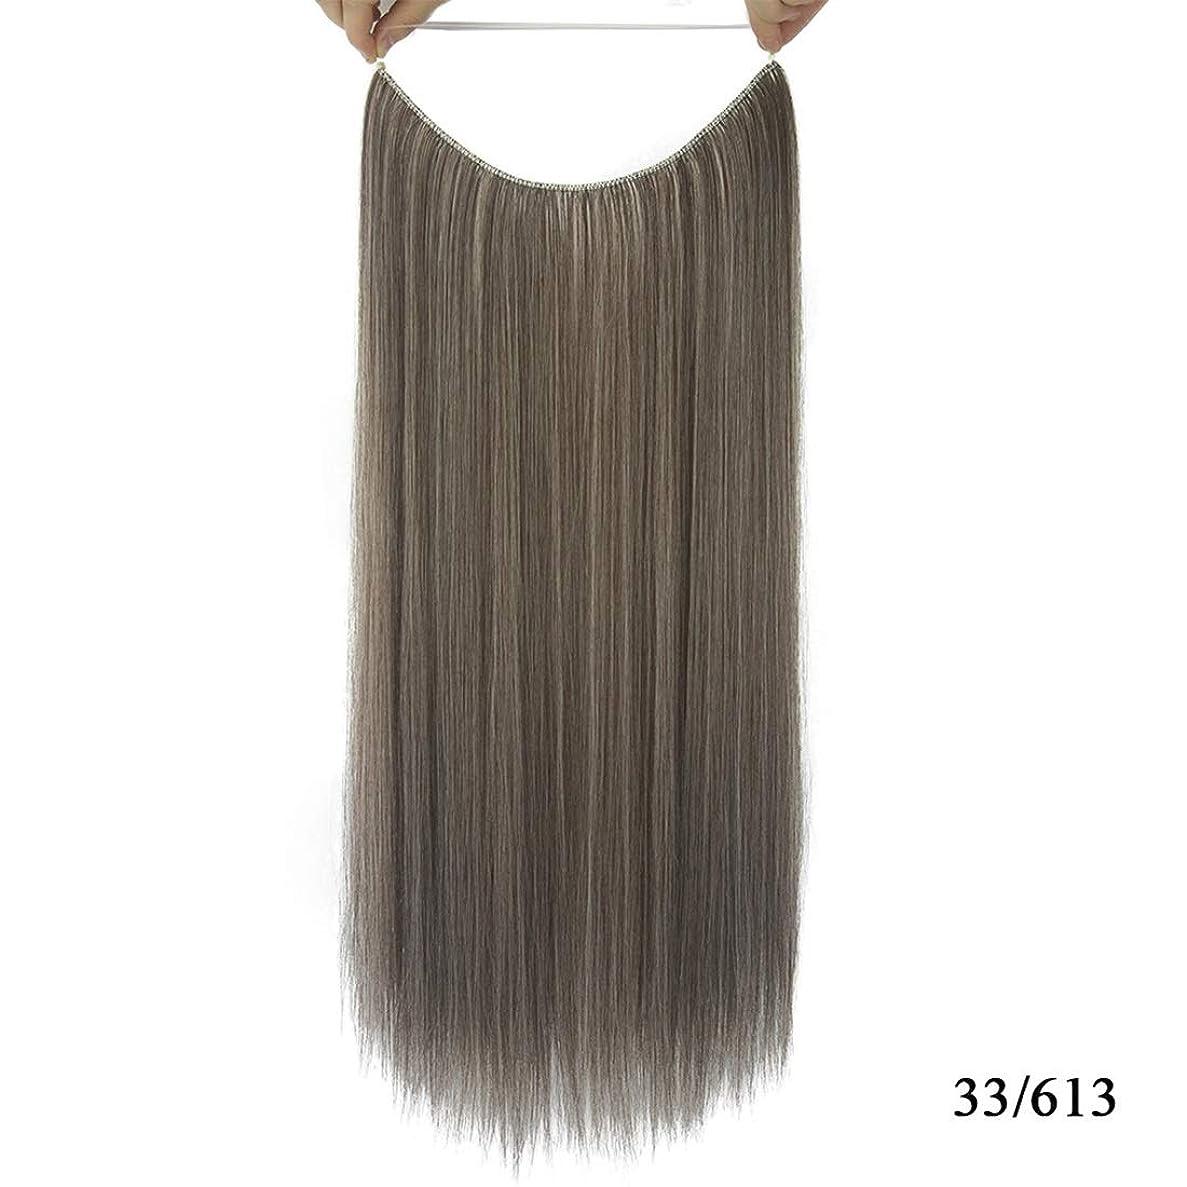 ゴールデン気候恋人Koloeplf トレースなしのロングストレートヘアストレートヘアラインカーテンレディースヘアピース (Color : Color 33/613)